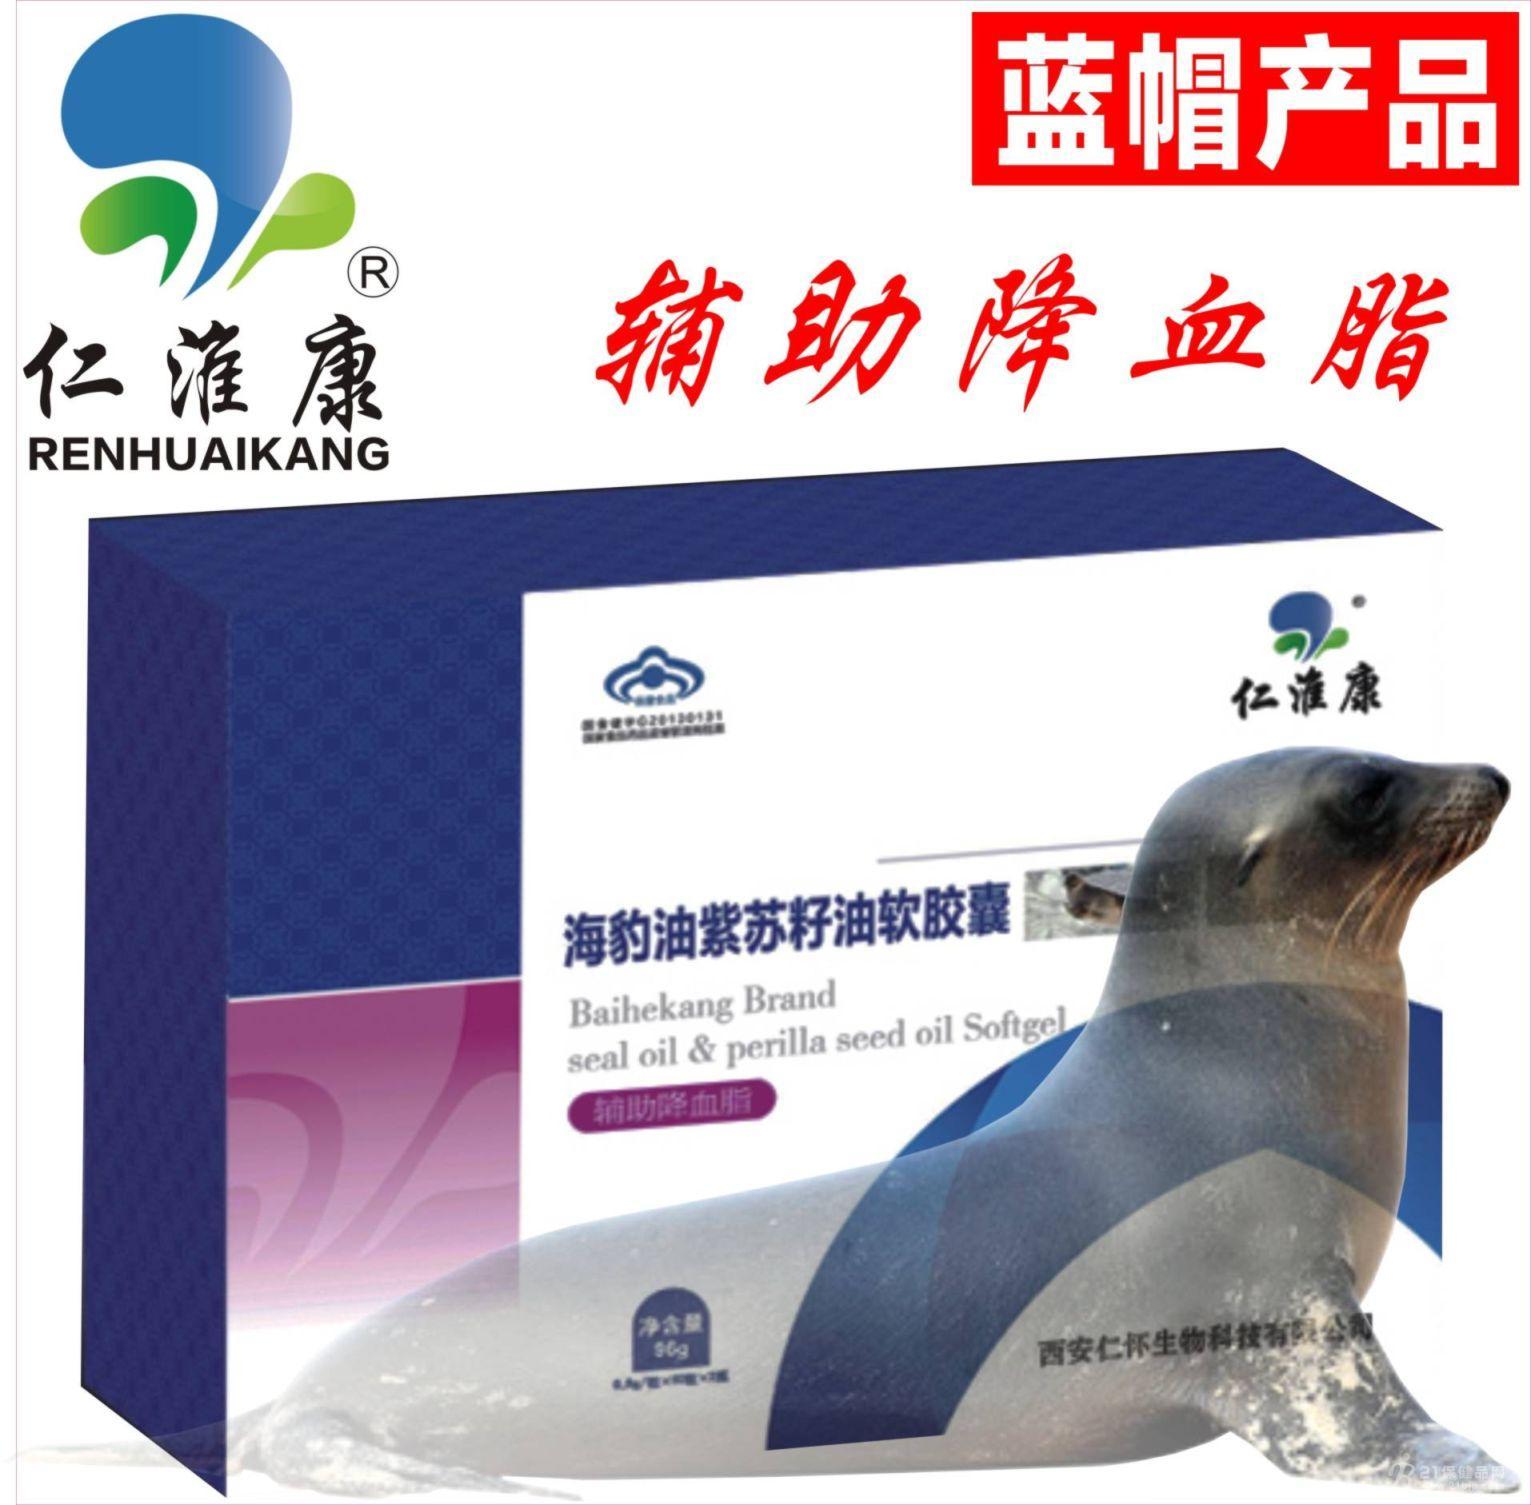 仁淮康 海豹油紫苏籽油软胶囊 降脂降压产品招商